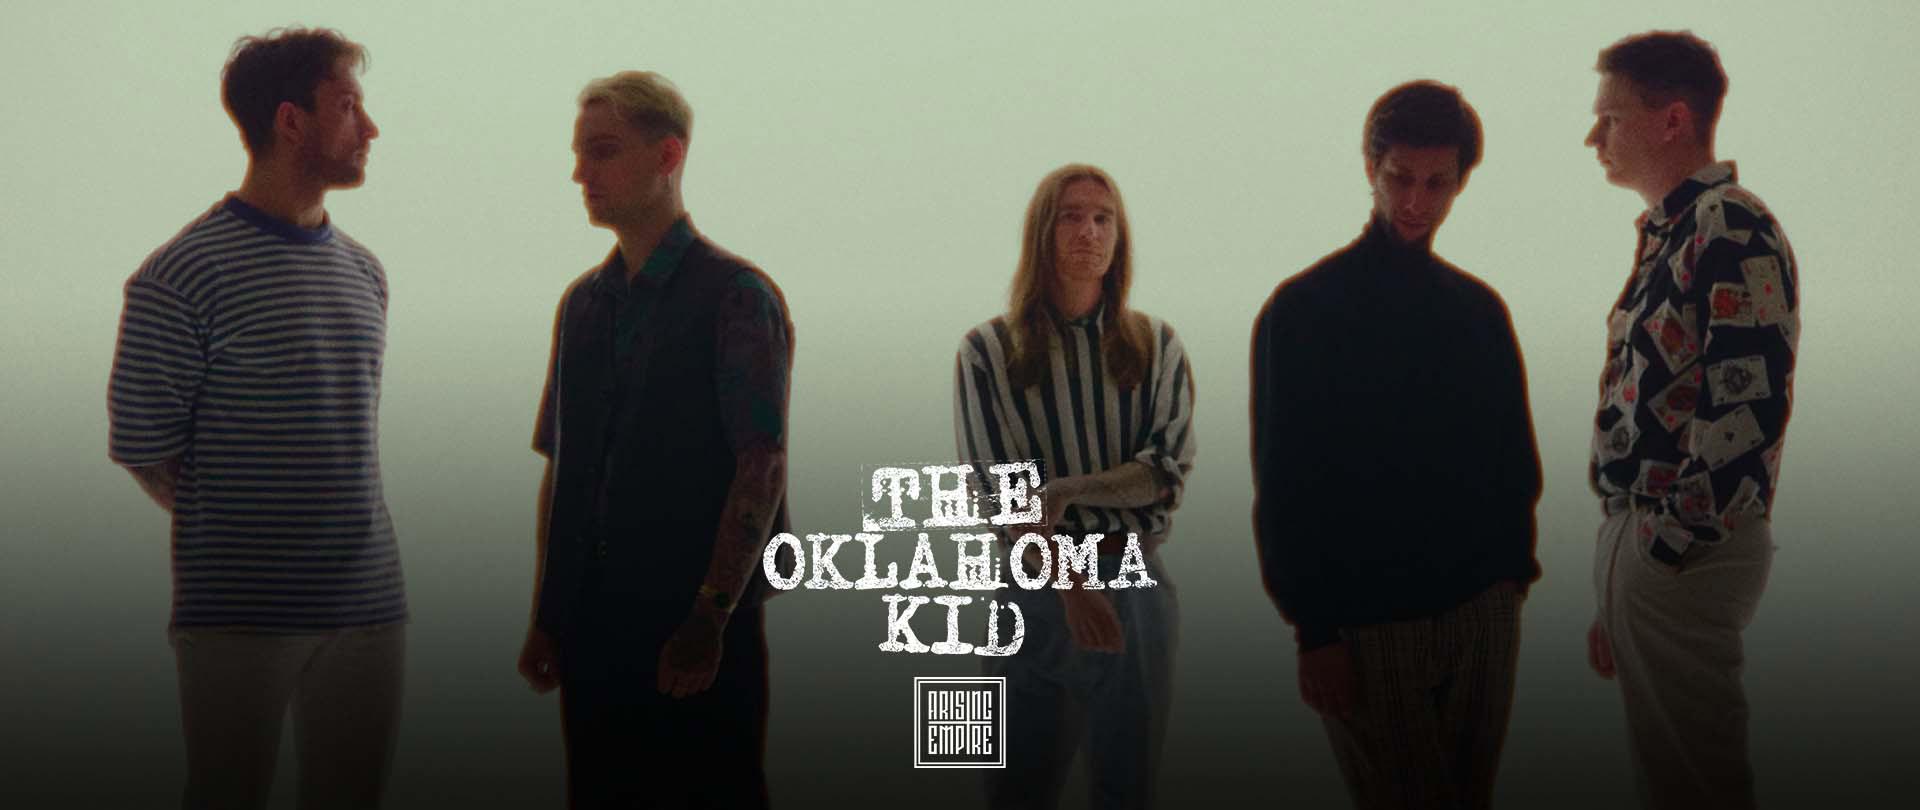 Oklahoma Kid at Arising Empire • Offizieller Online Shop